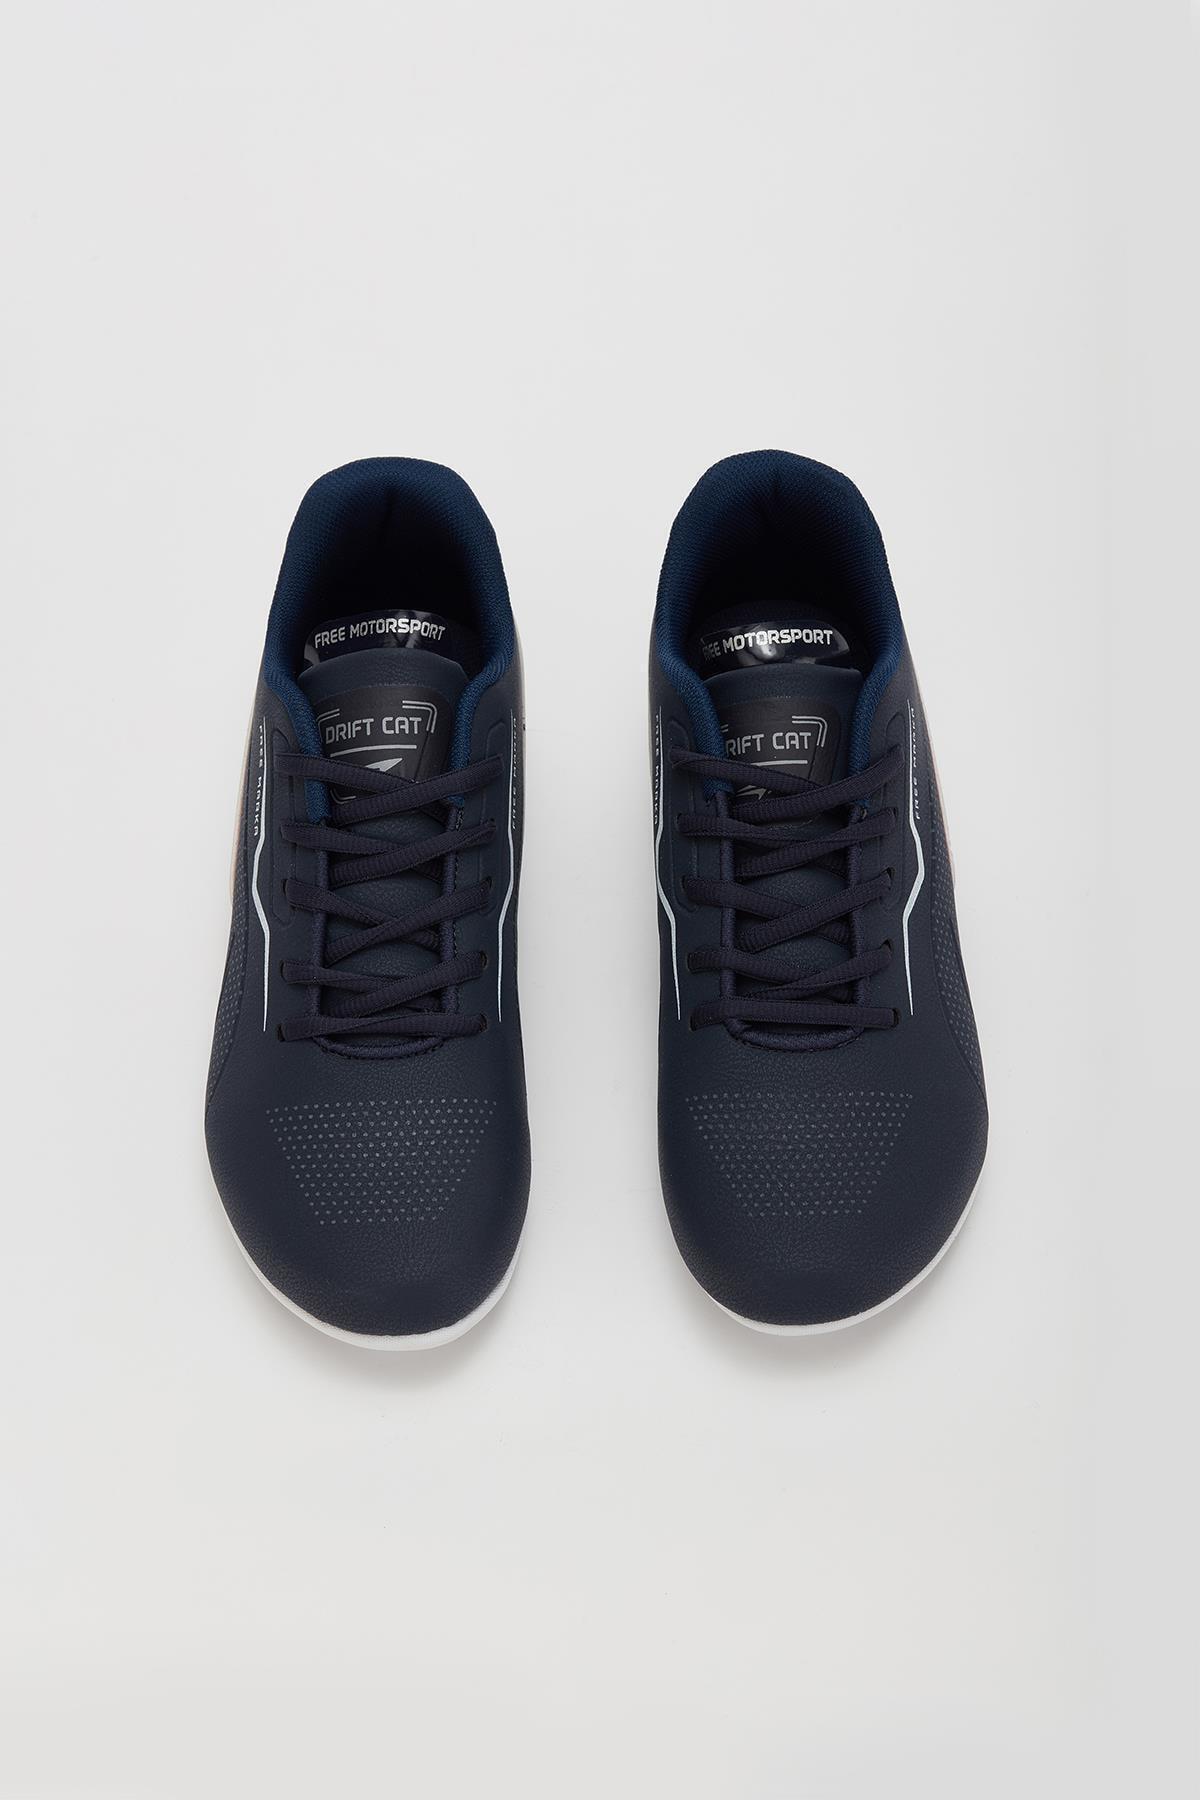 MUGGO Erkek Sneaker Ayakkabı 2